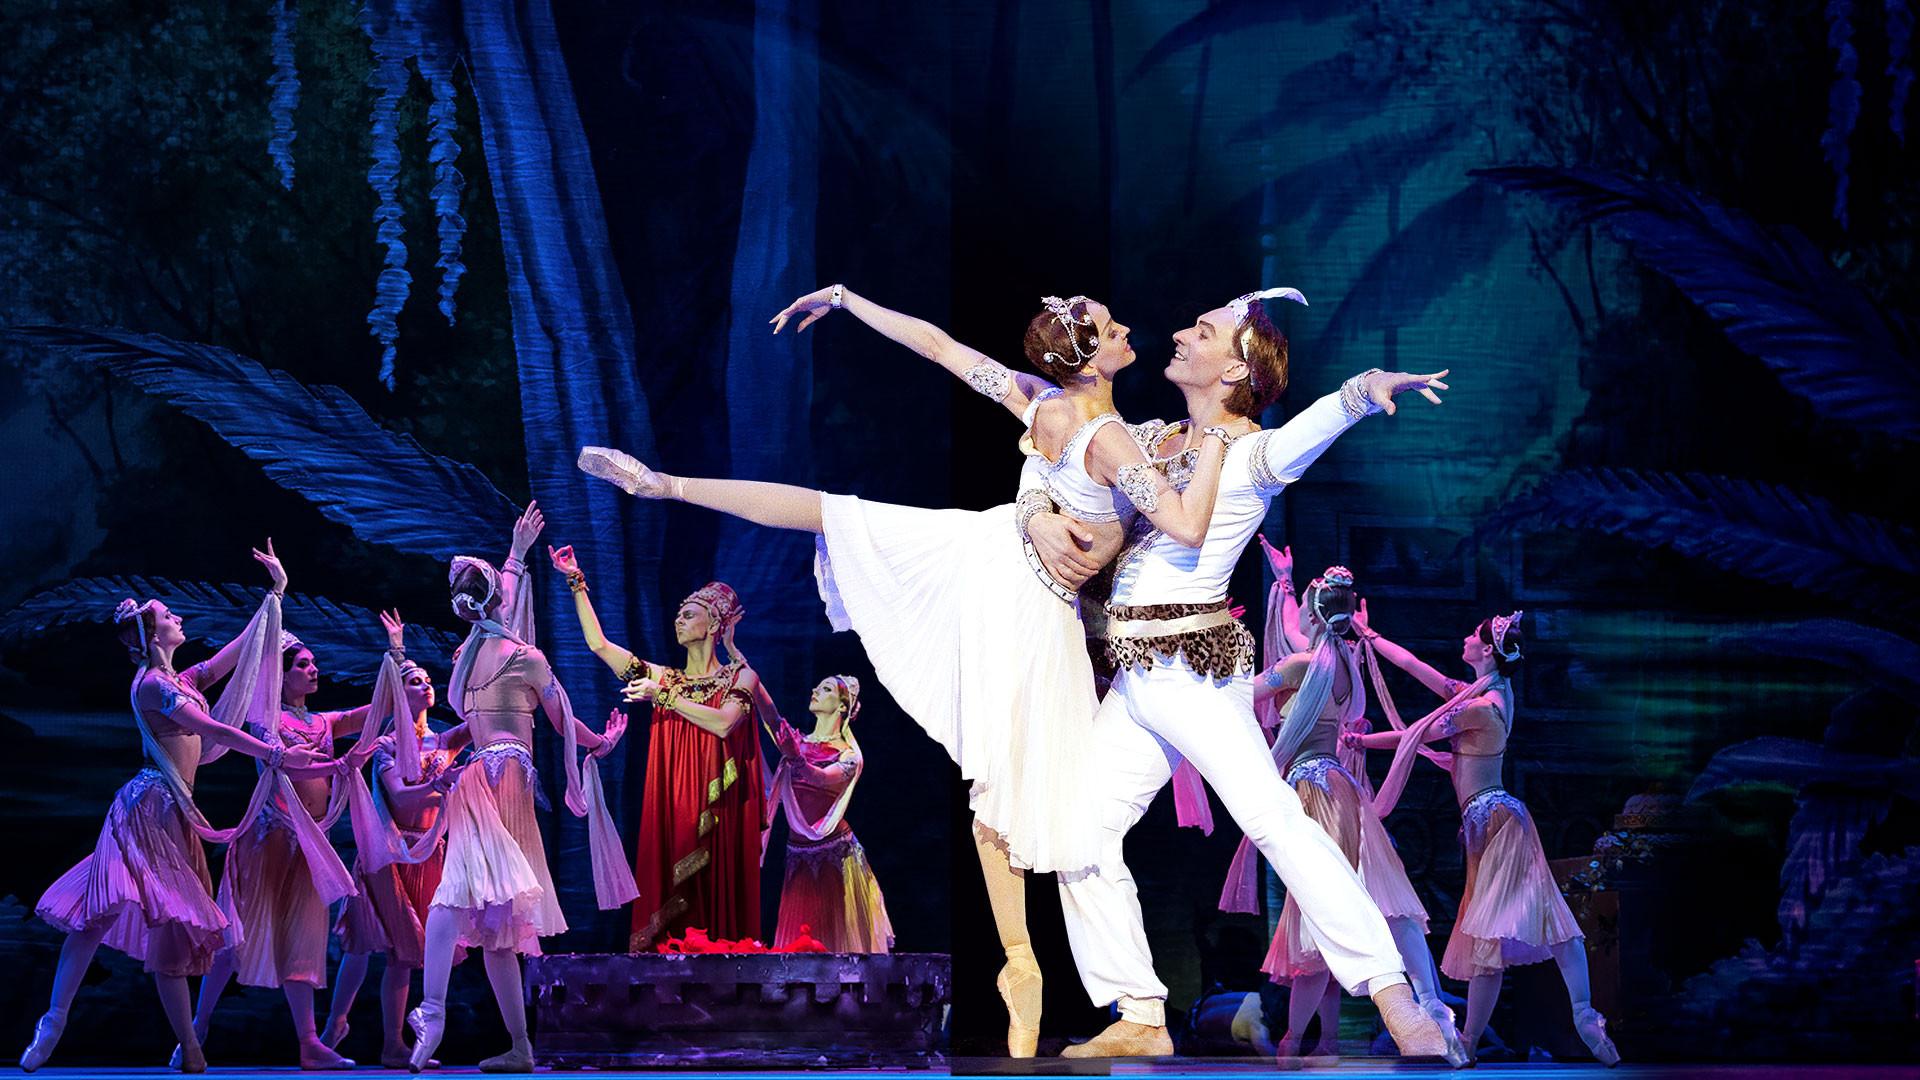 """IX Фестиваль балета в Кремле. Баядерка. Л. Минкус. Спектакль театра """"Кремлёвский балет"""""""